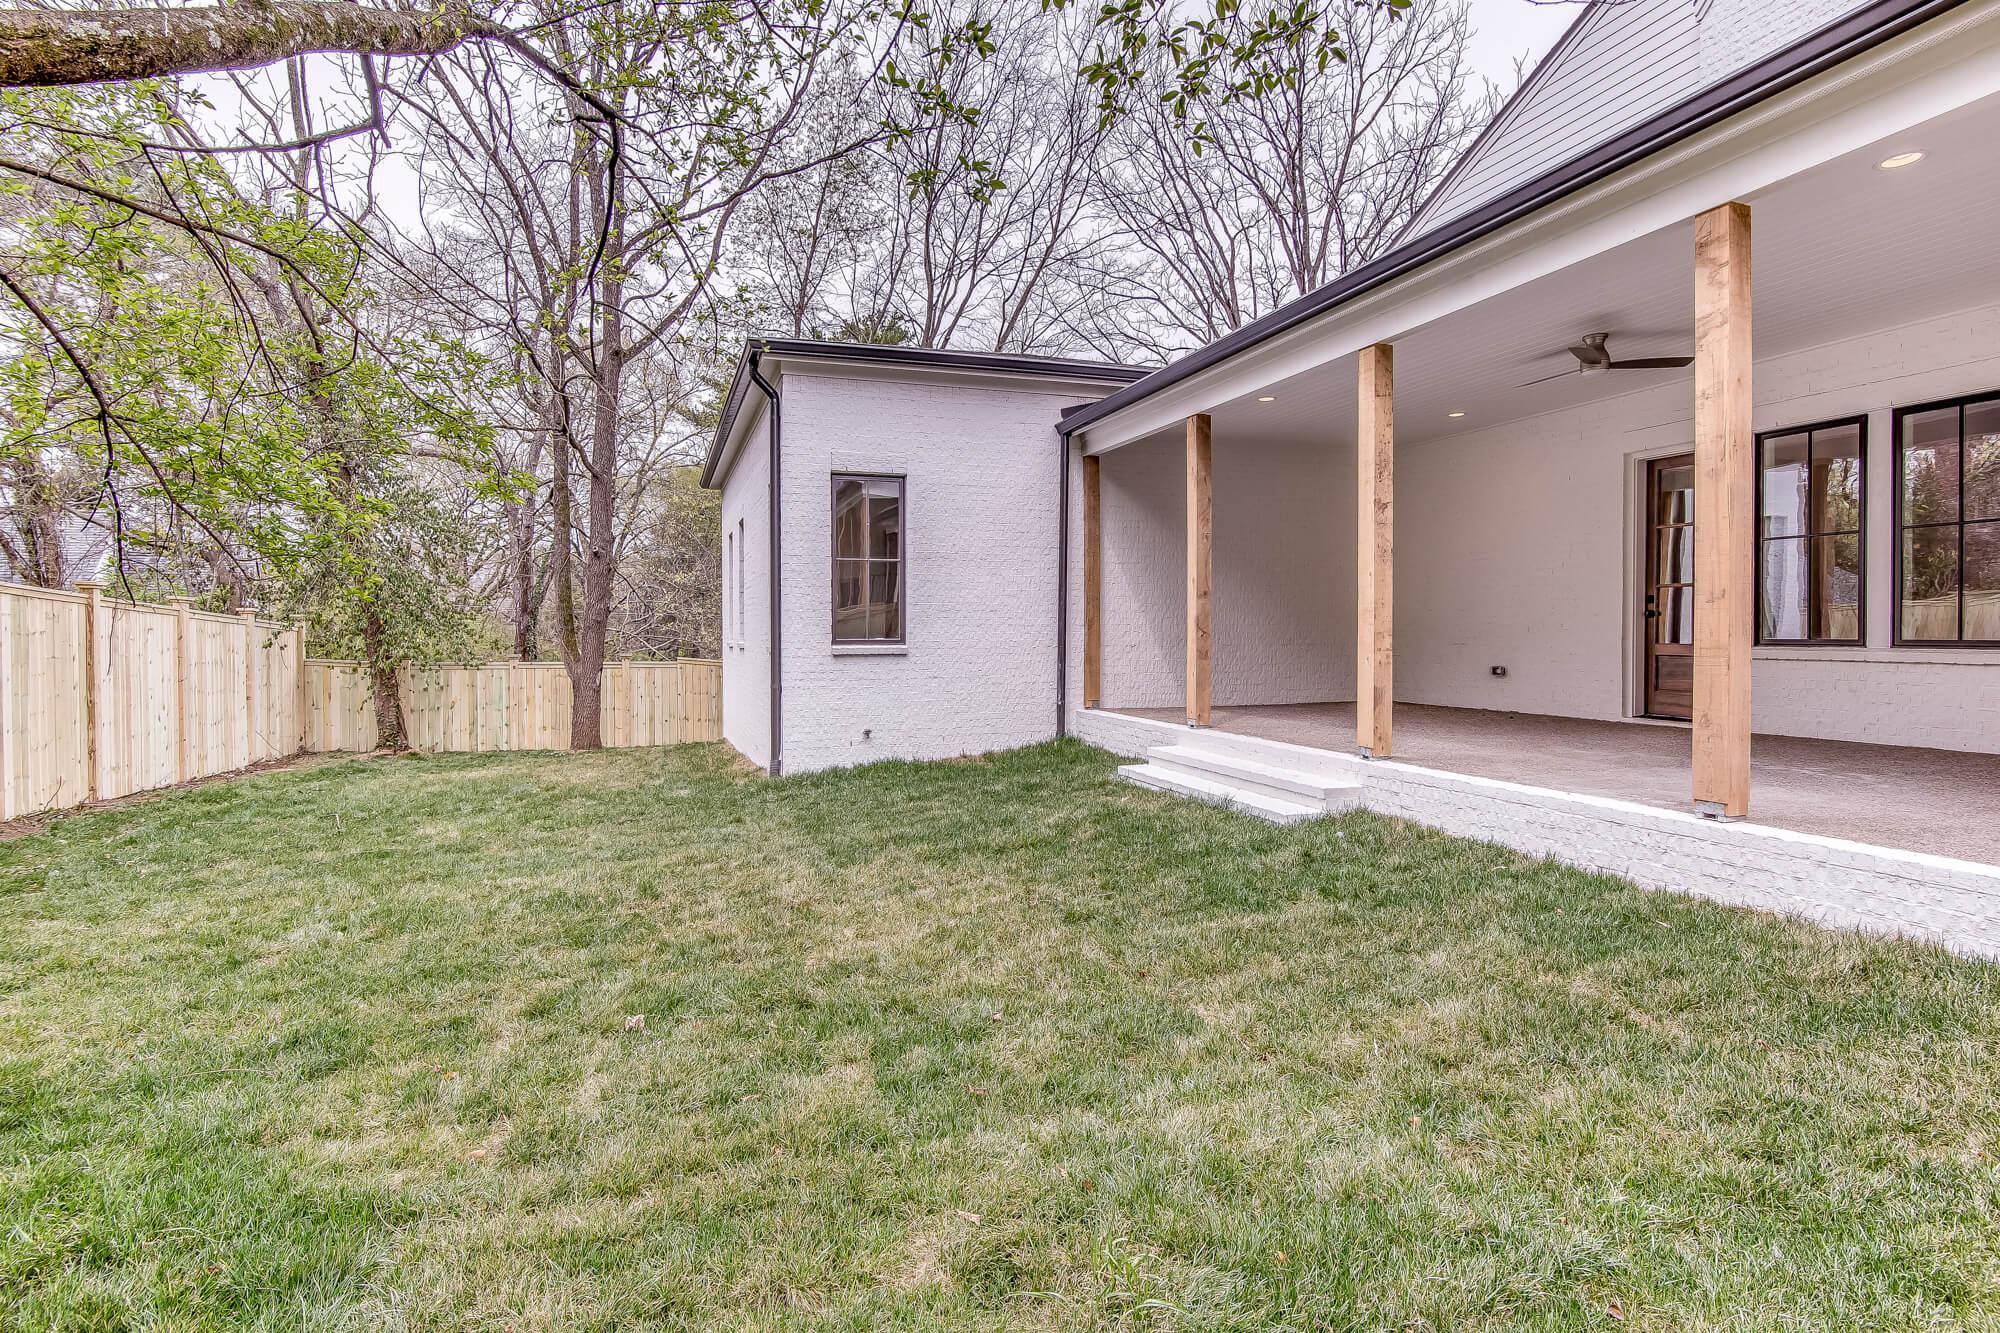 chandelier-development-nashville-tennessee-home-builder--57.jpg